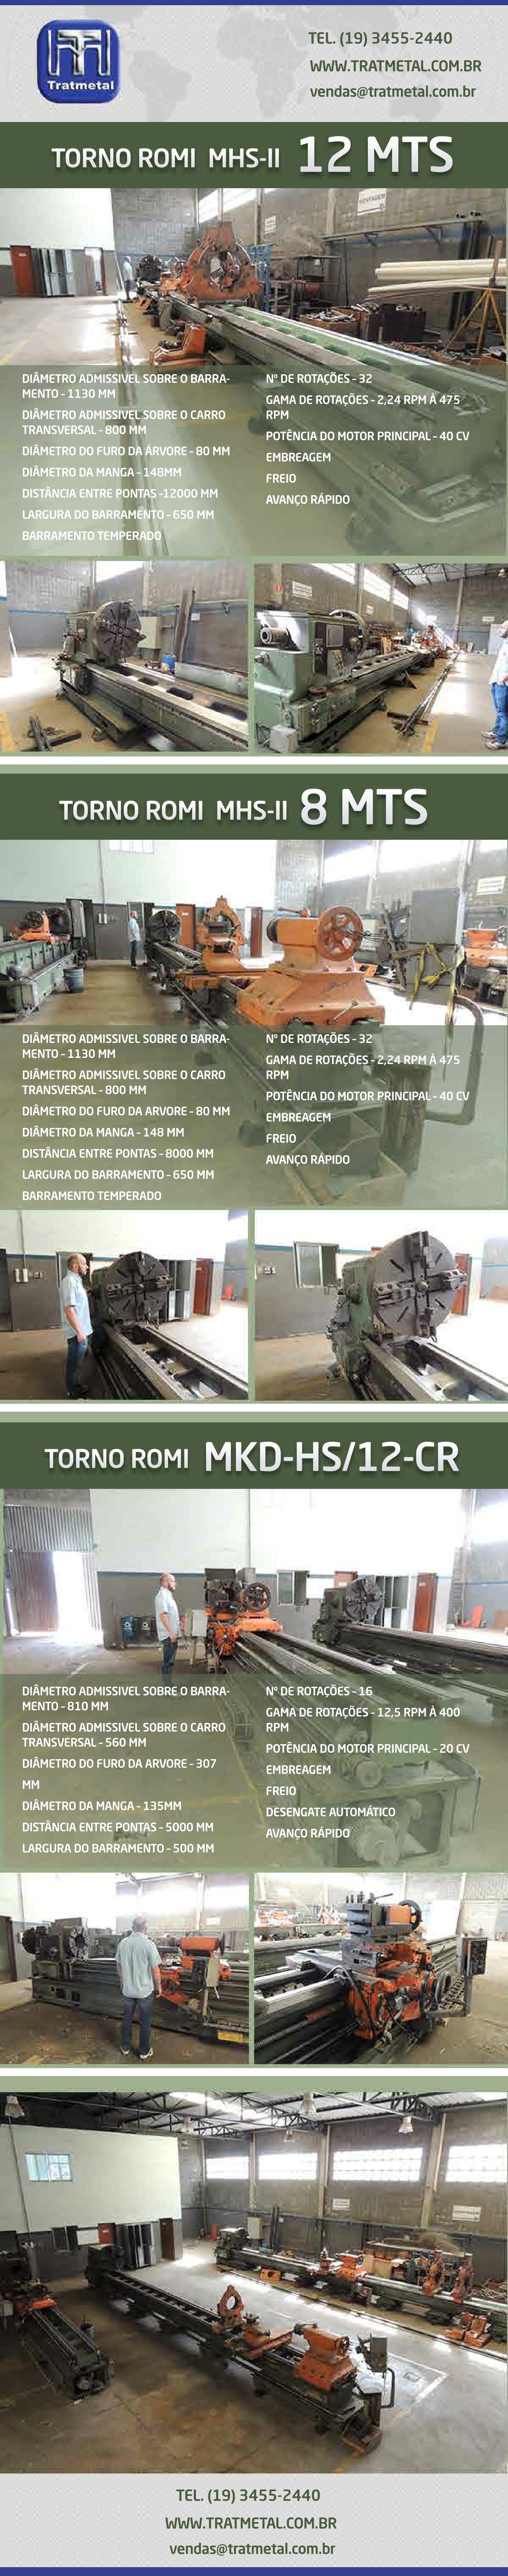 ARTE EM PDF FEITA PELO RICARDO SELIS TORNOS GRANDES-1